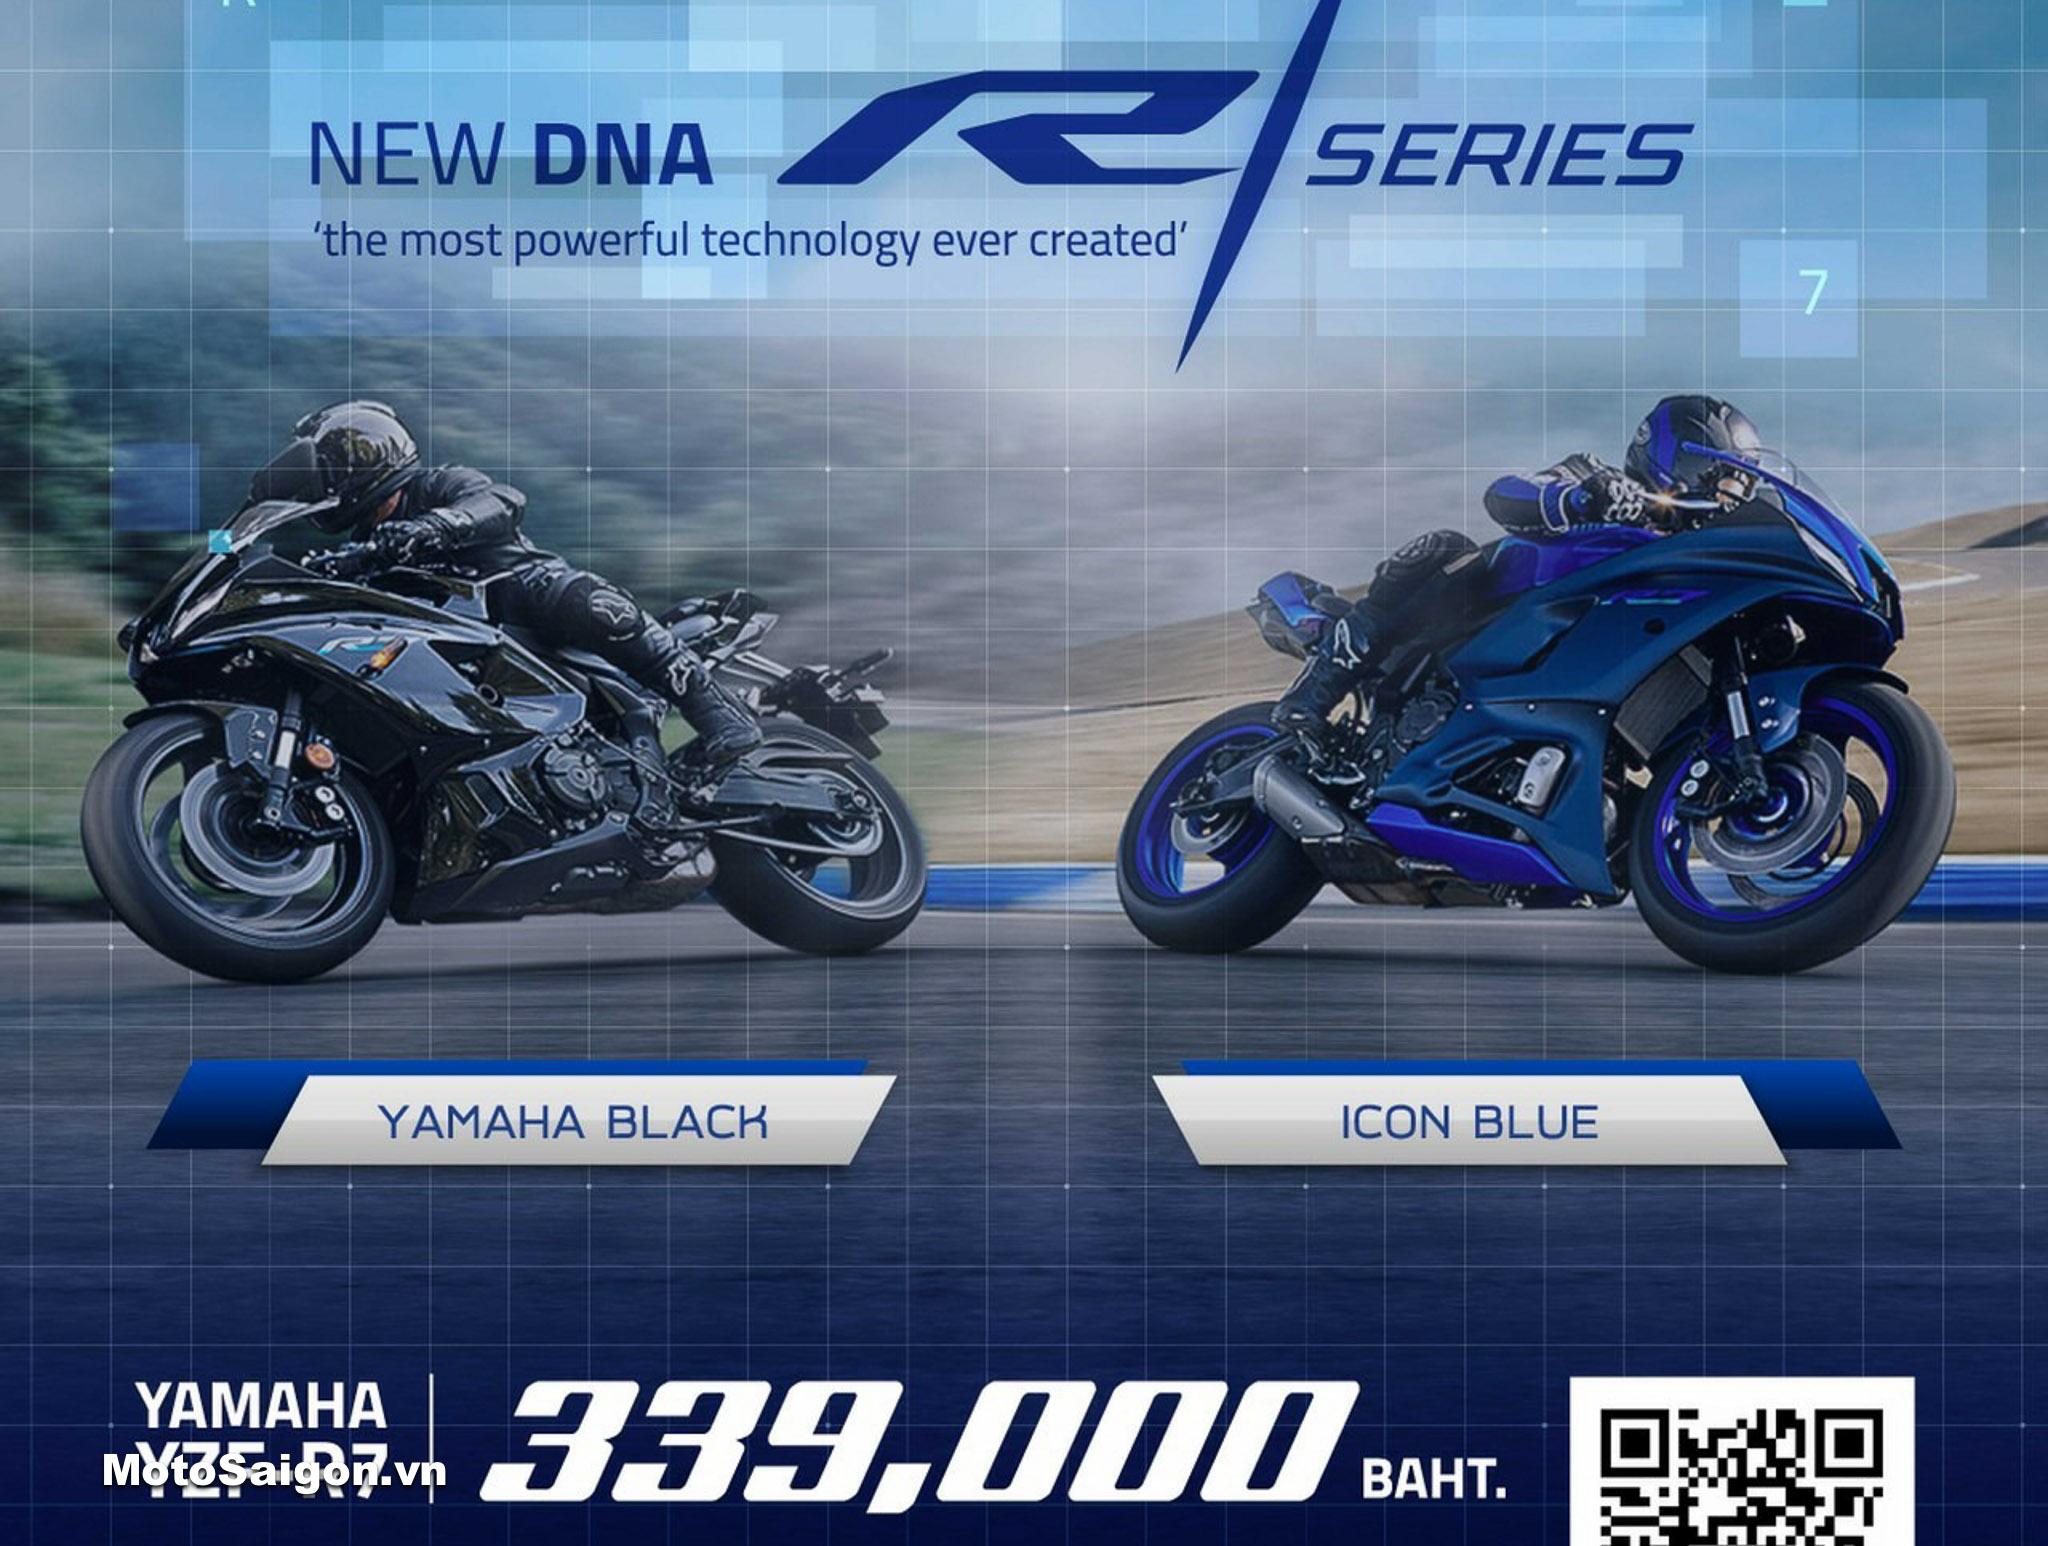 Giá xe Yamaha R7 đã được công bố tại Thái Lan